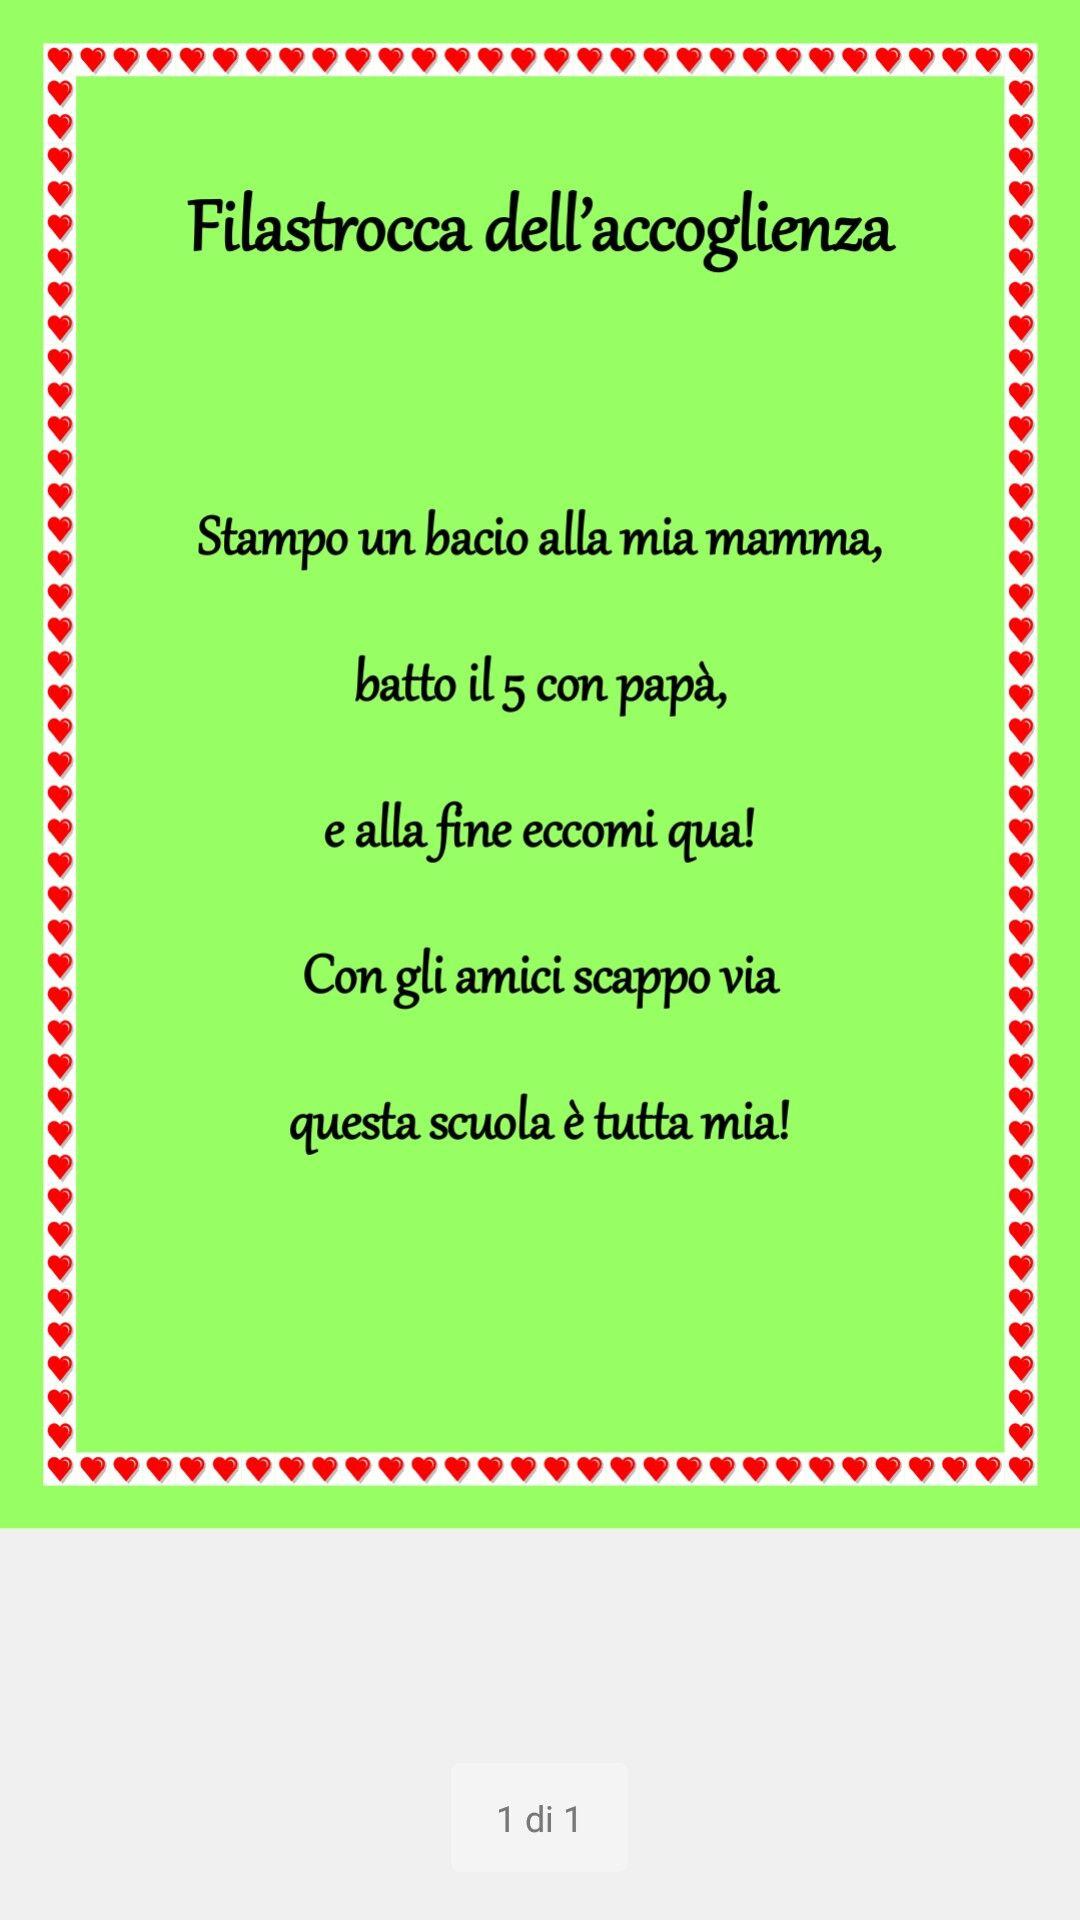 Filastrocca accoglienza scuola dell 39 infanzia saluti - Poesie primaverili per la scuola materna ...